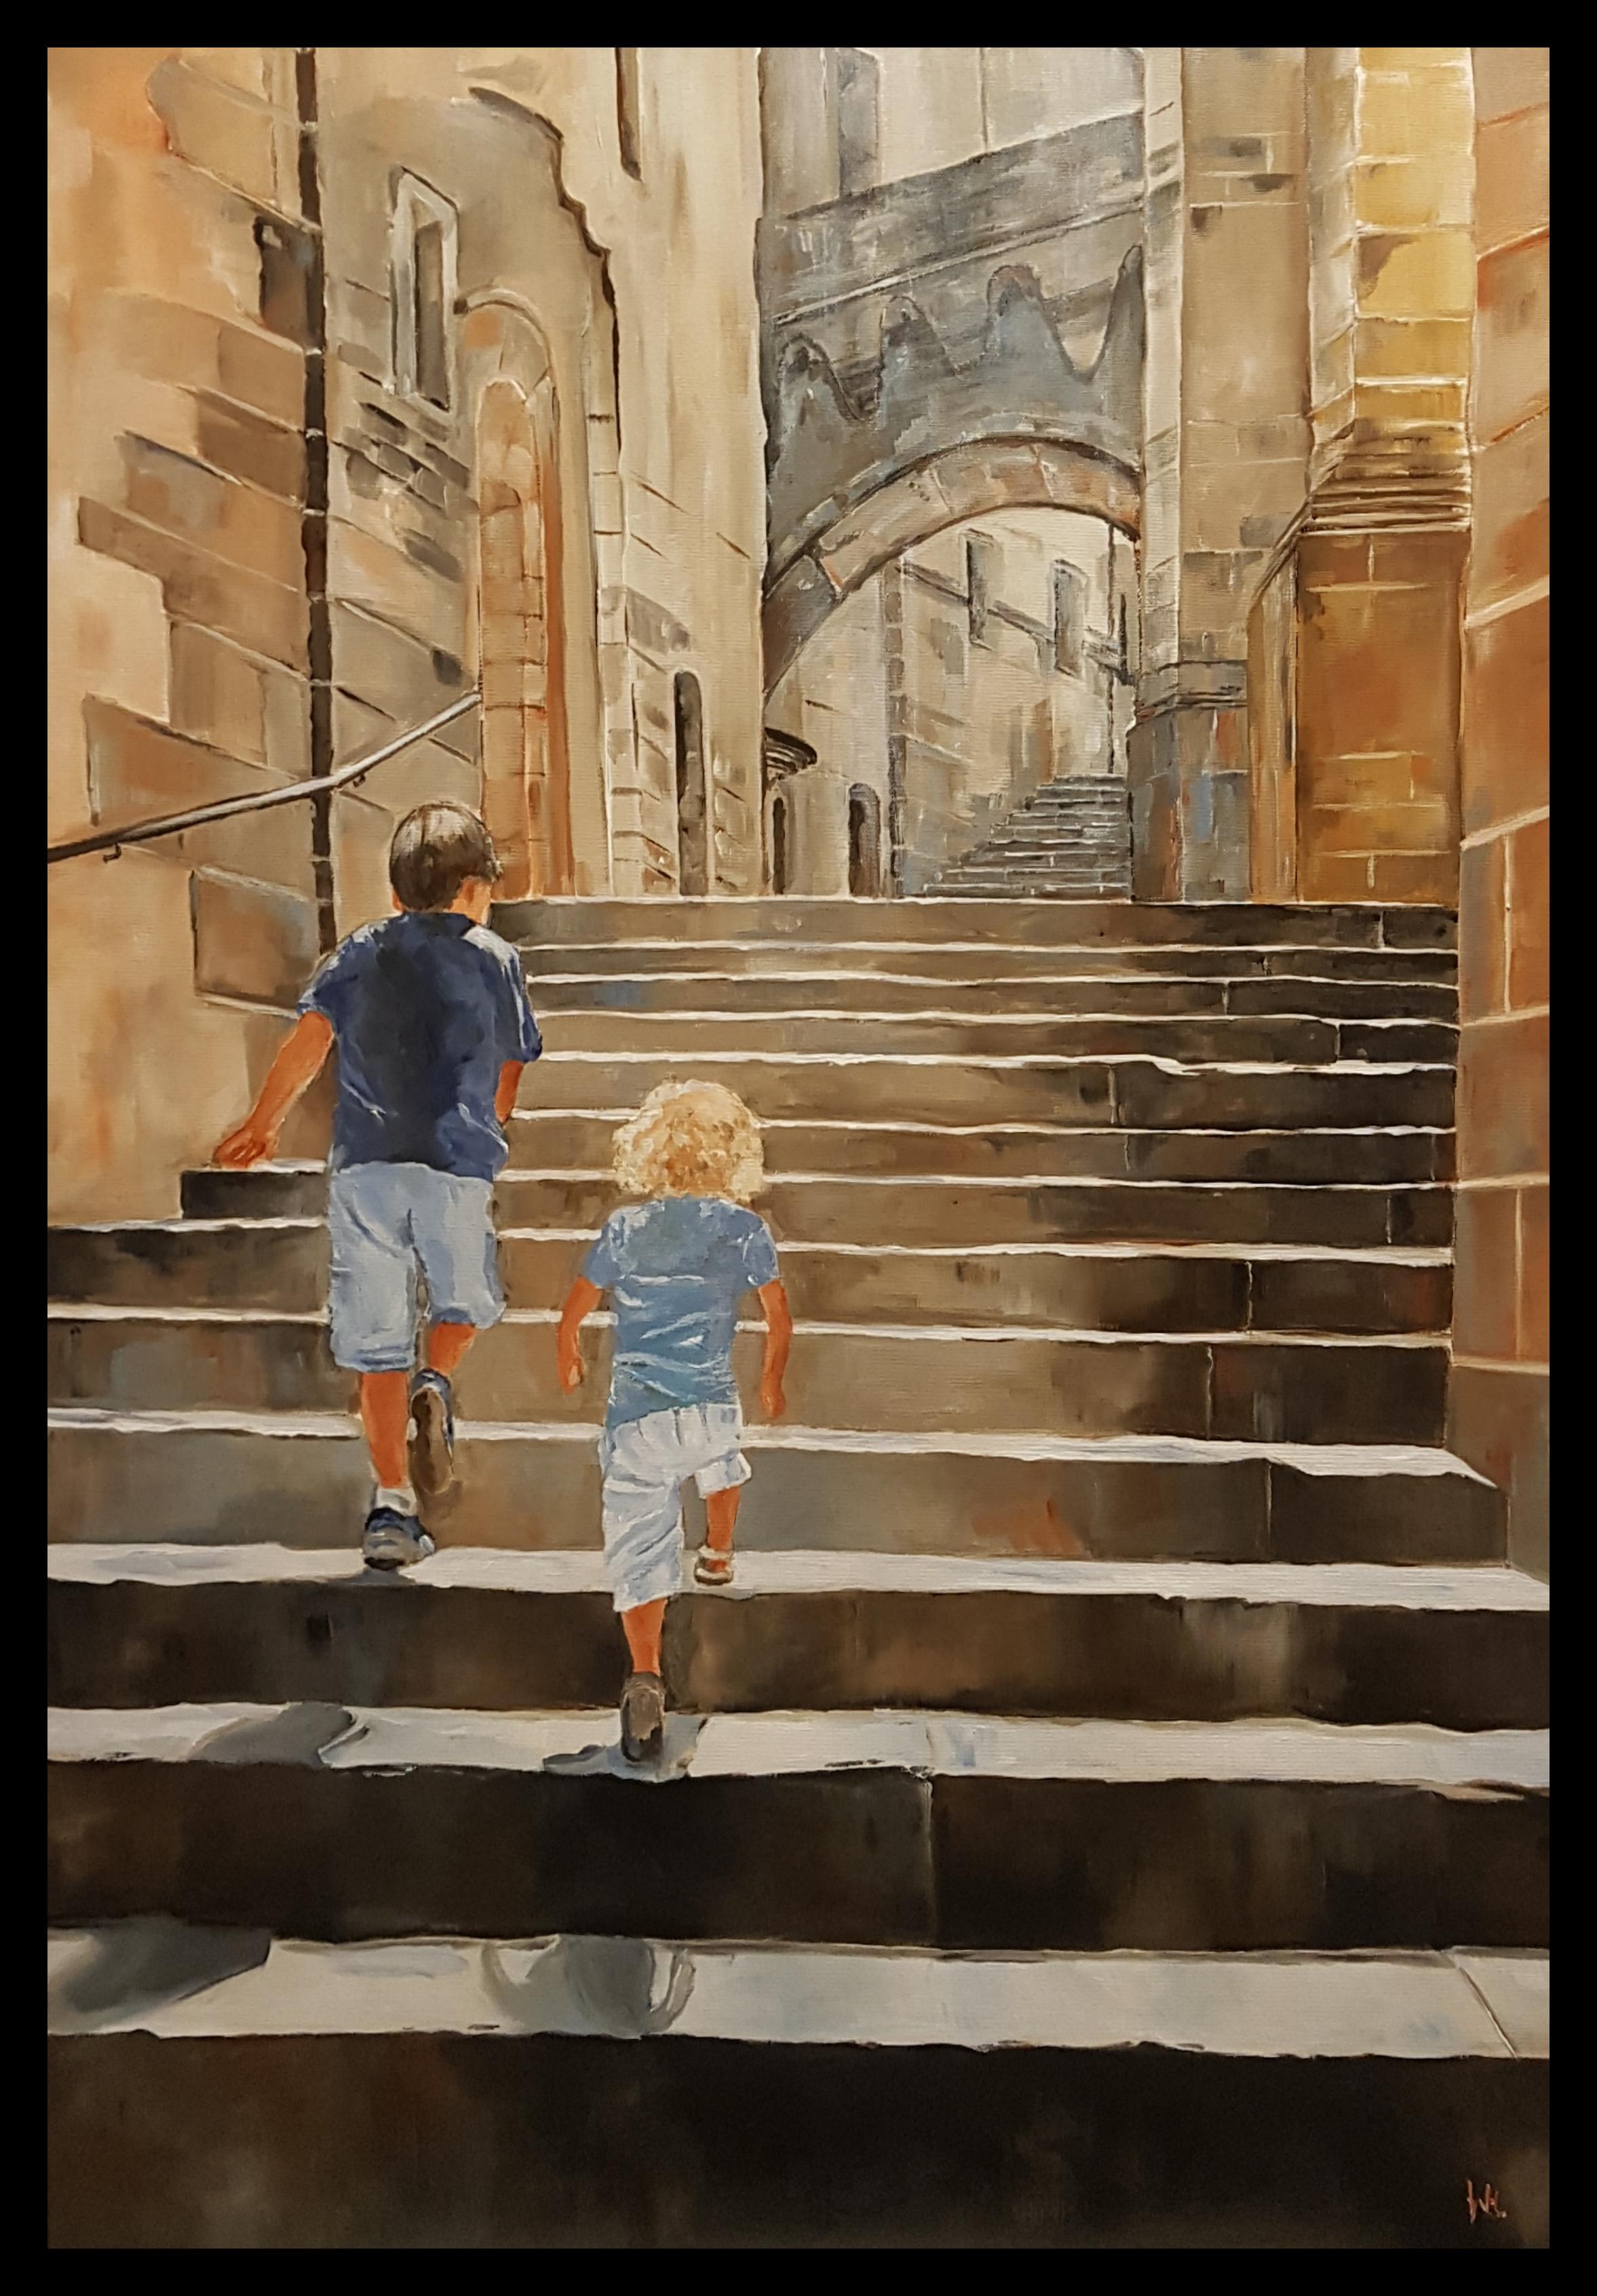 Spiksplinternieuw In opdracht uw kinderen of kleinkinderen laten schilderen QS-55